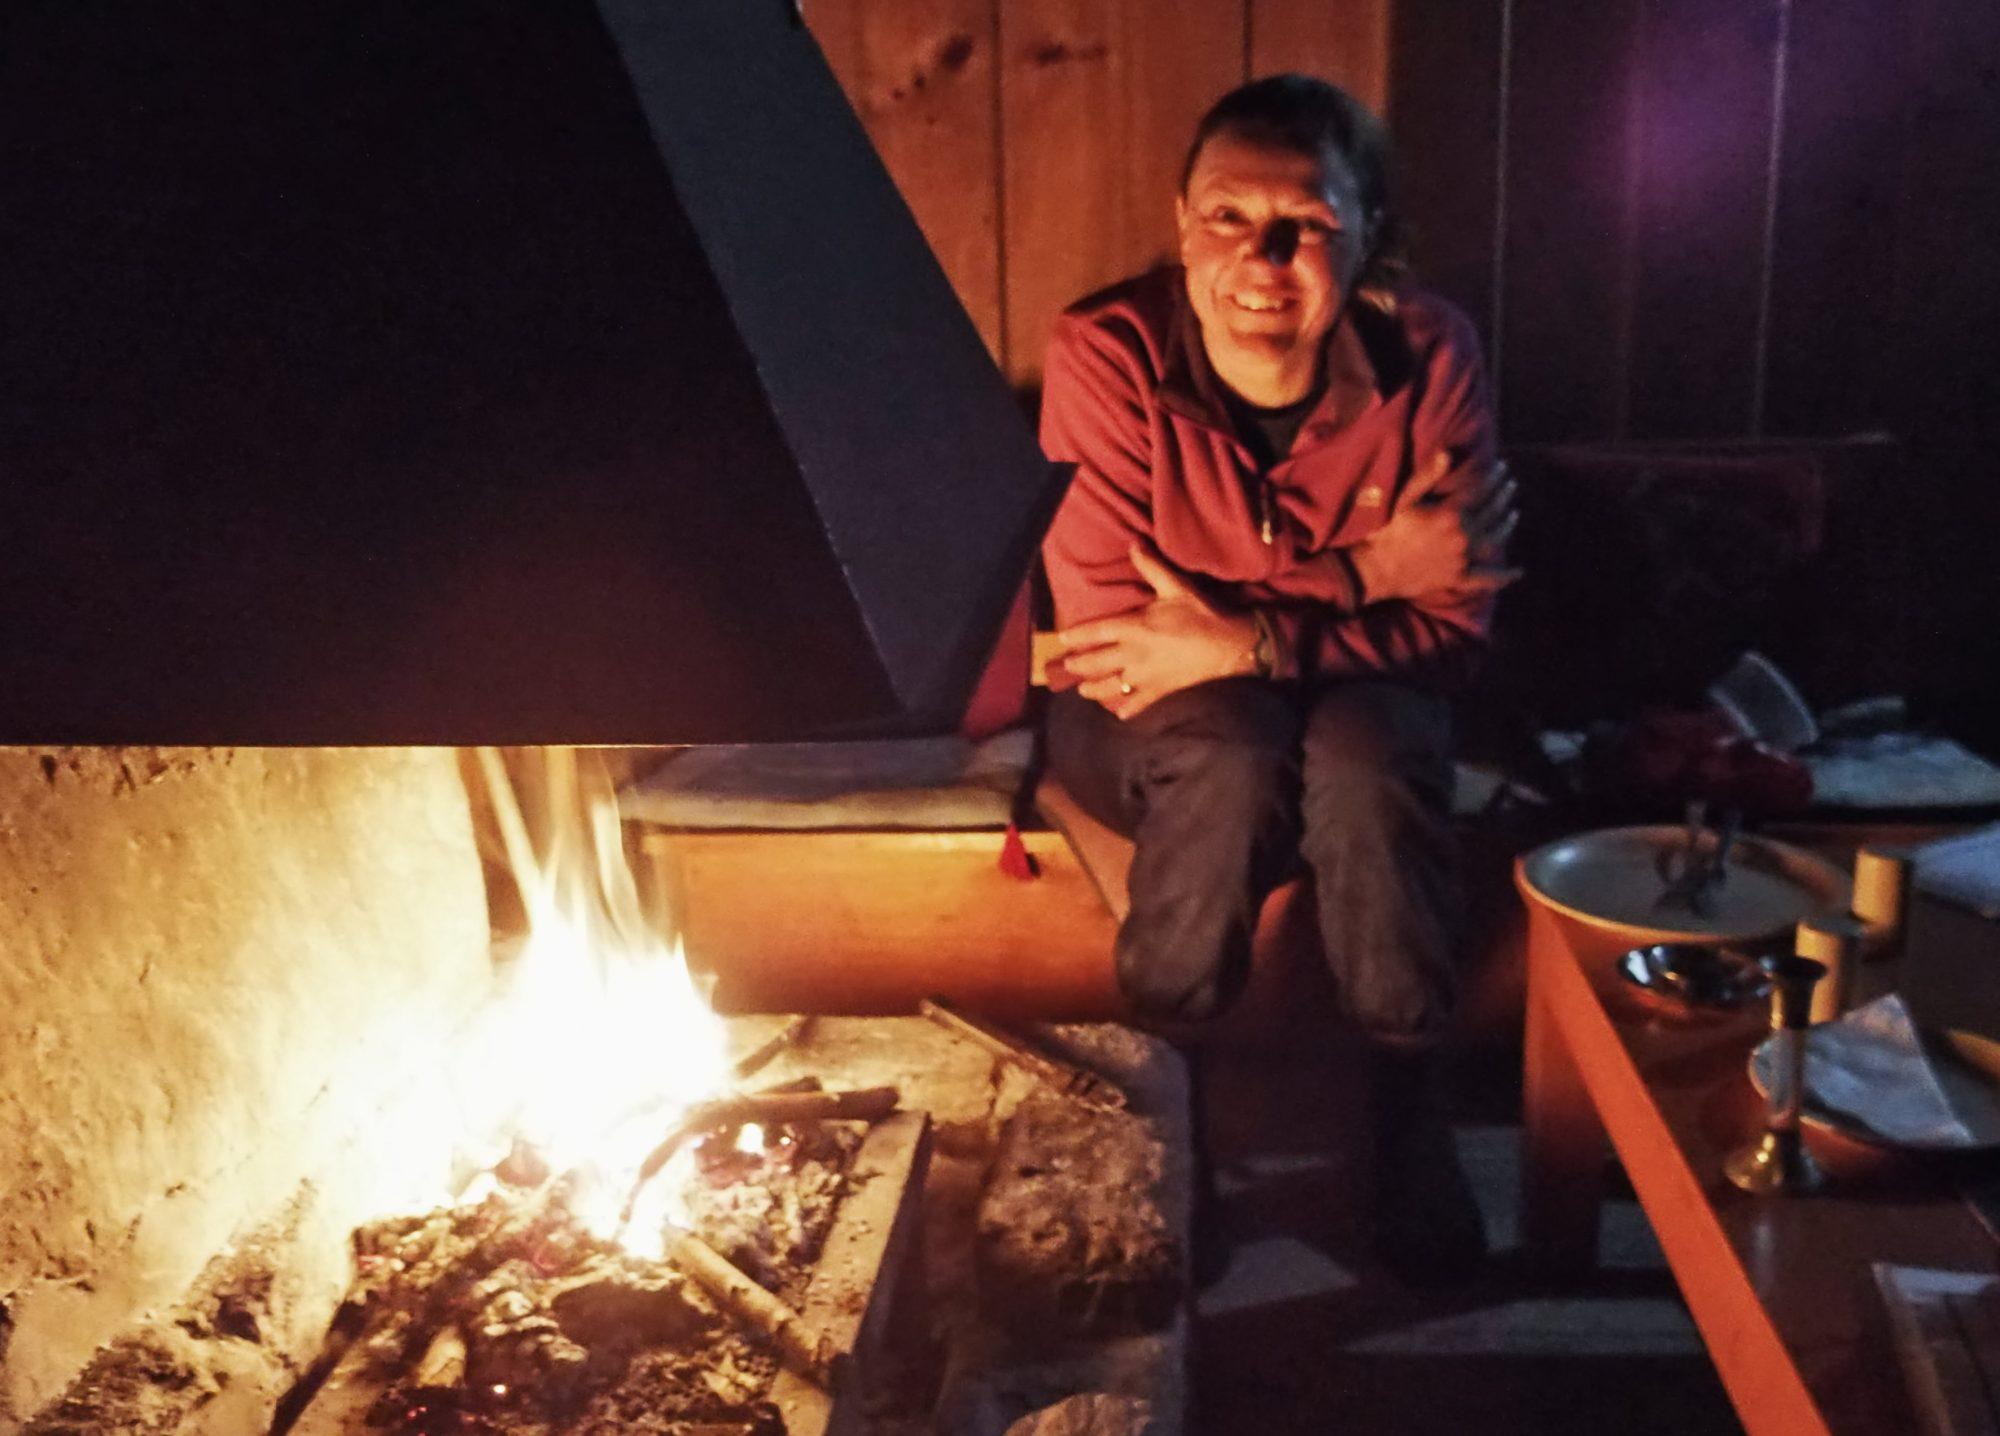 Dutch Bakery - Sitzen am Feuer in Tukuche